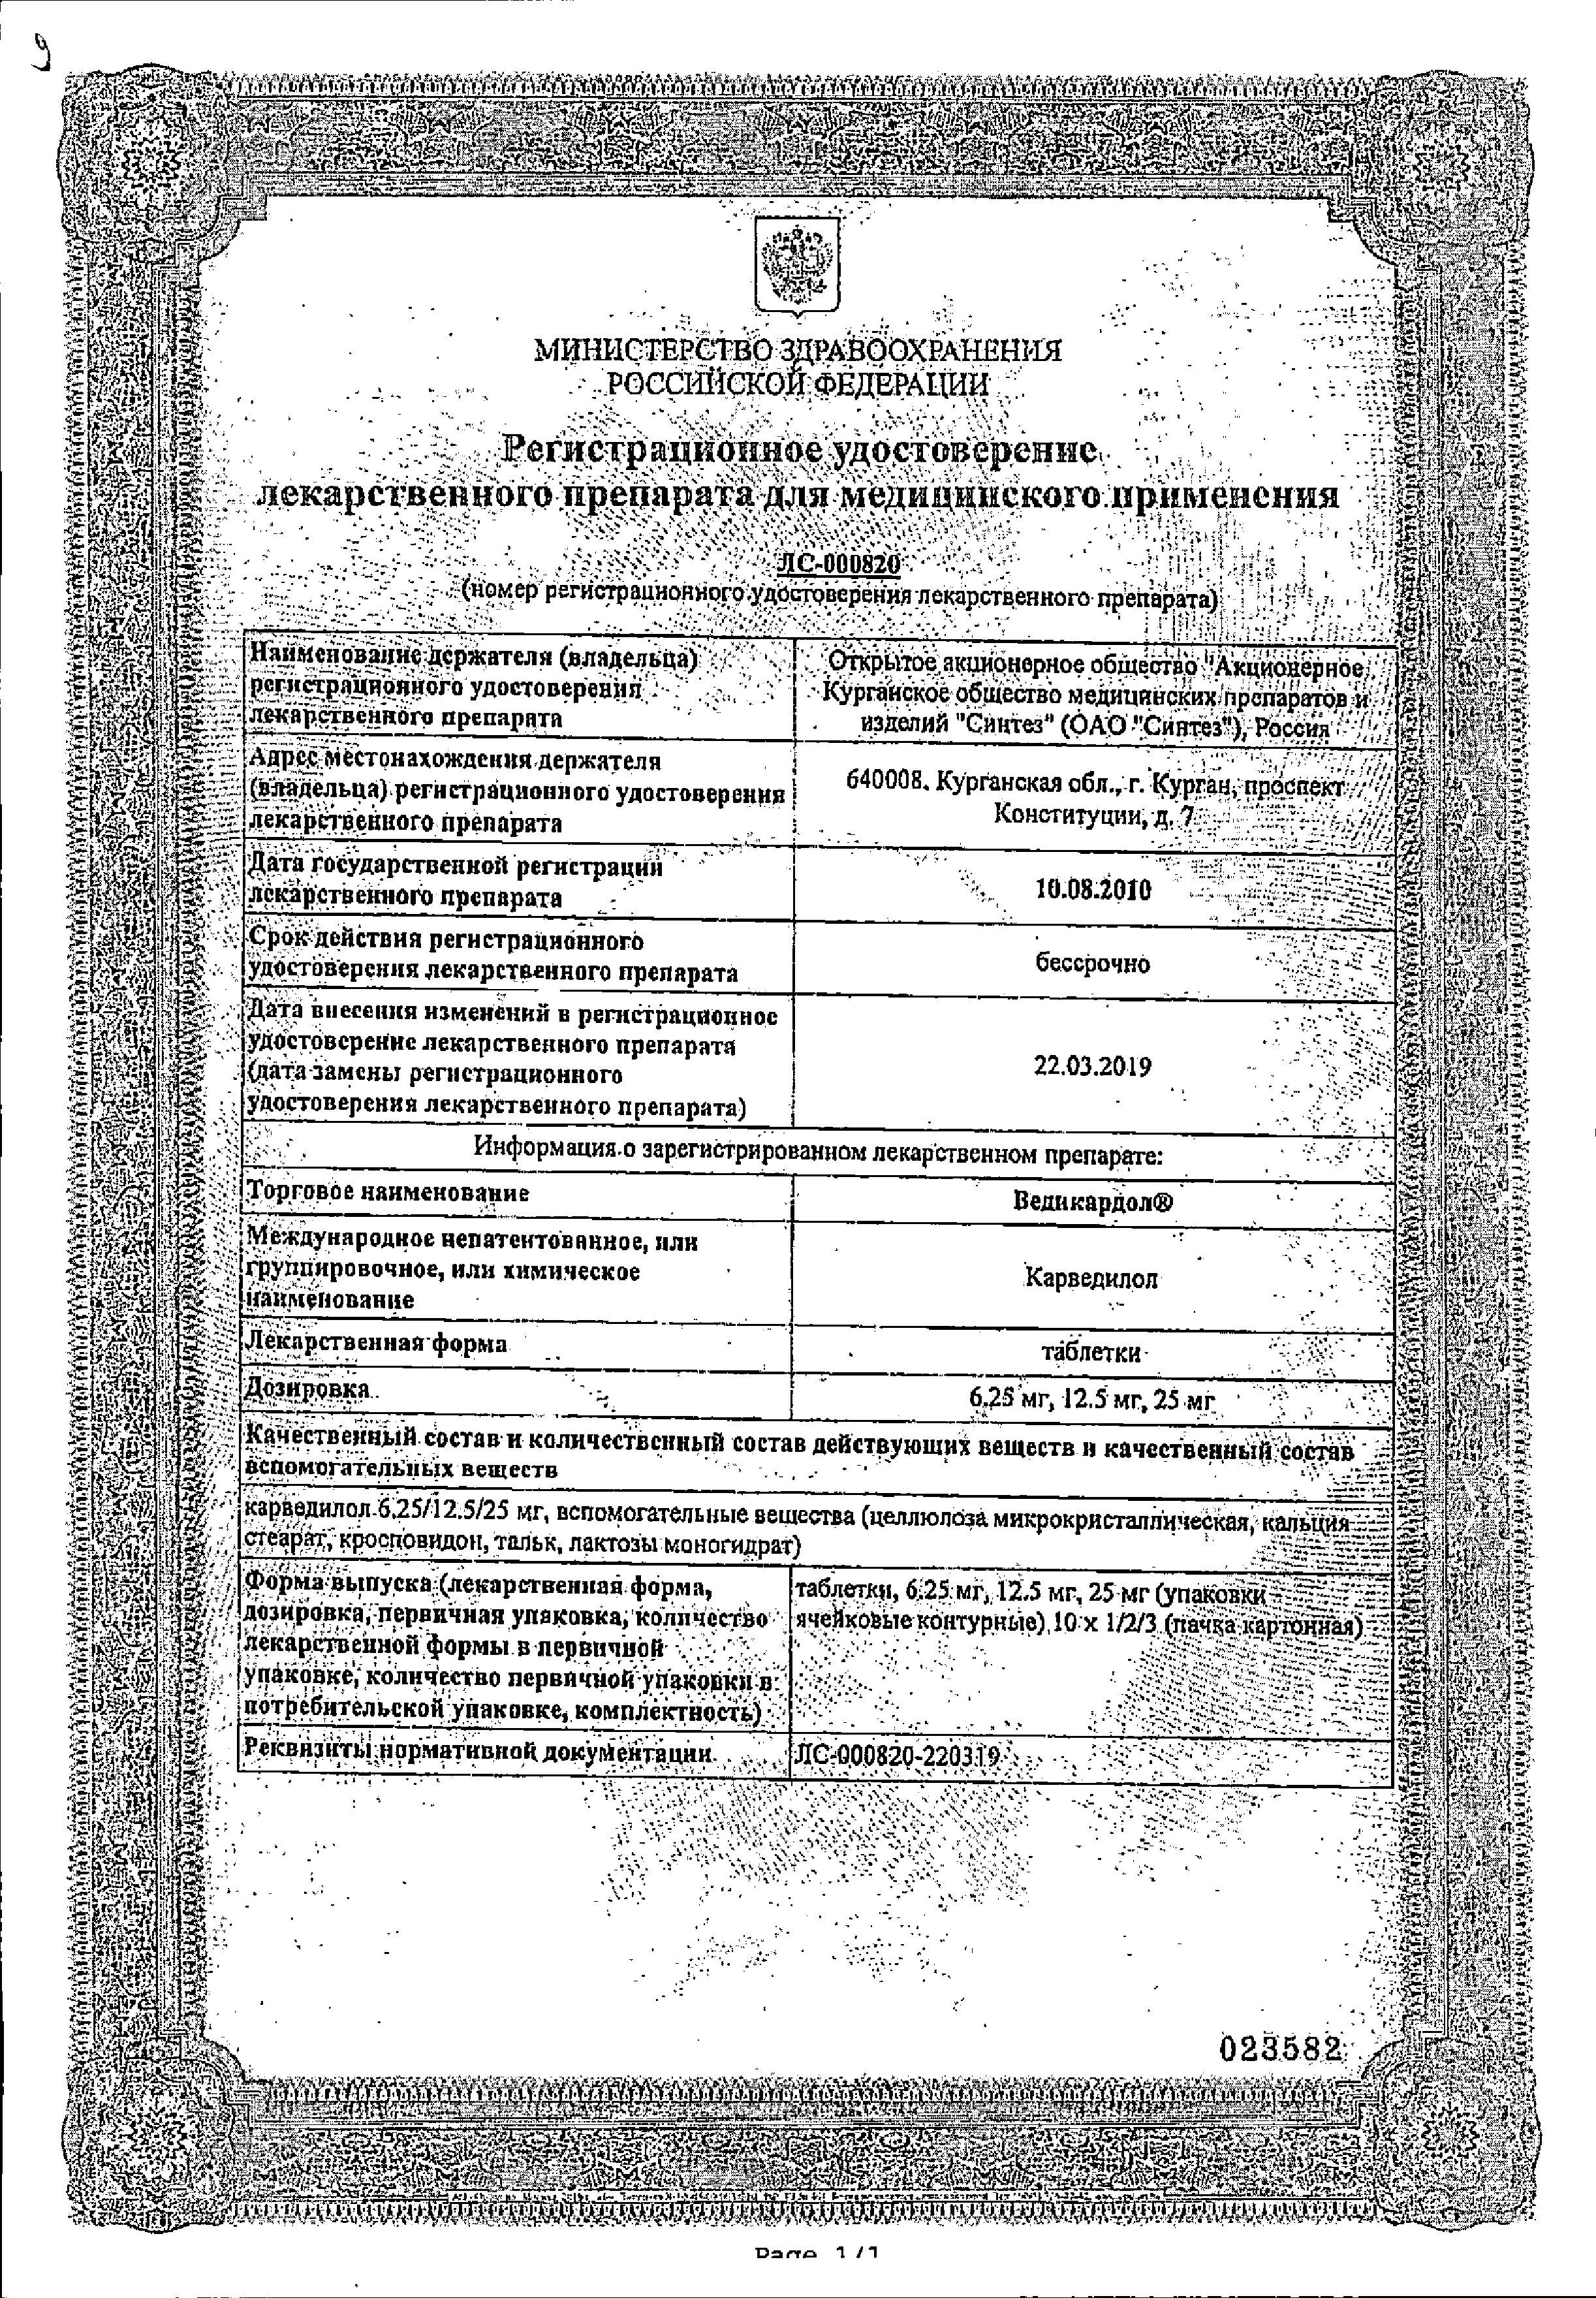 Ведикардол сертификат